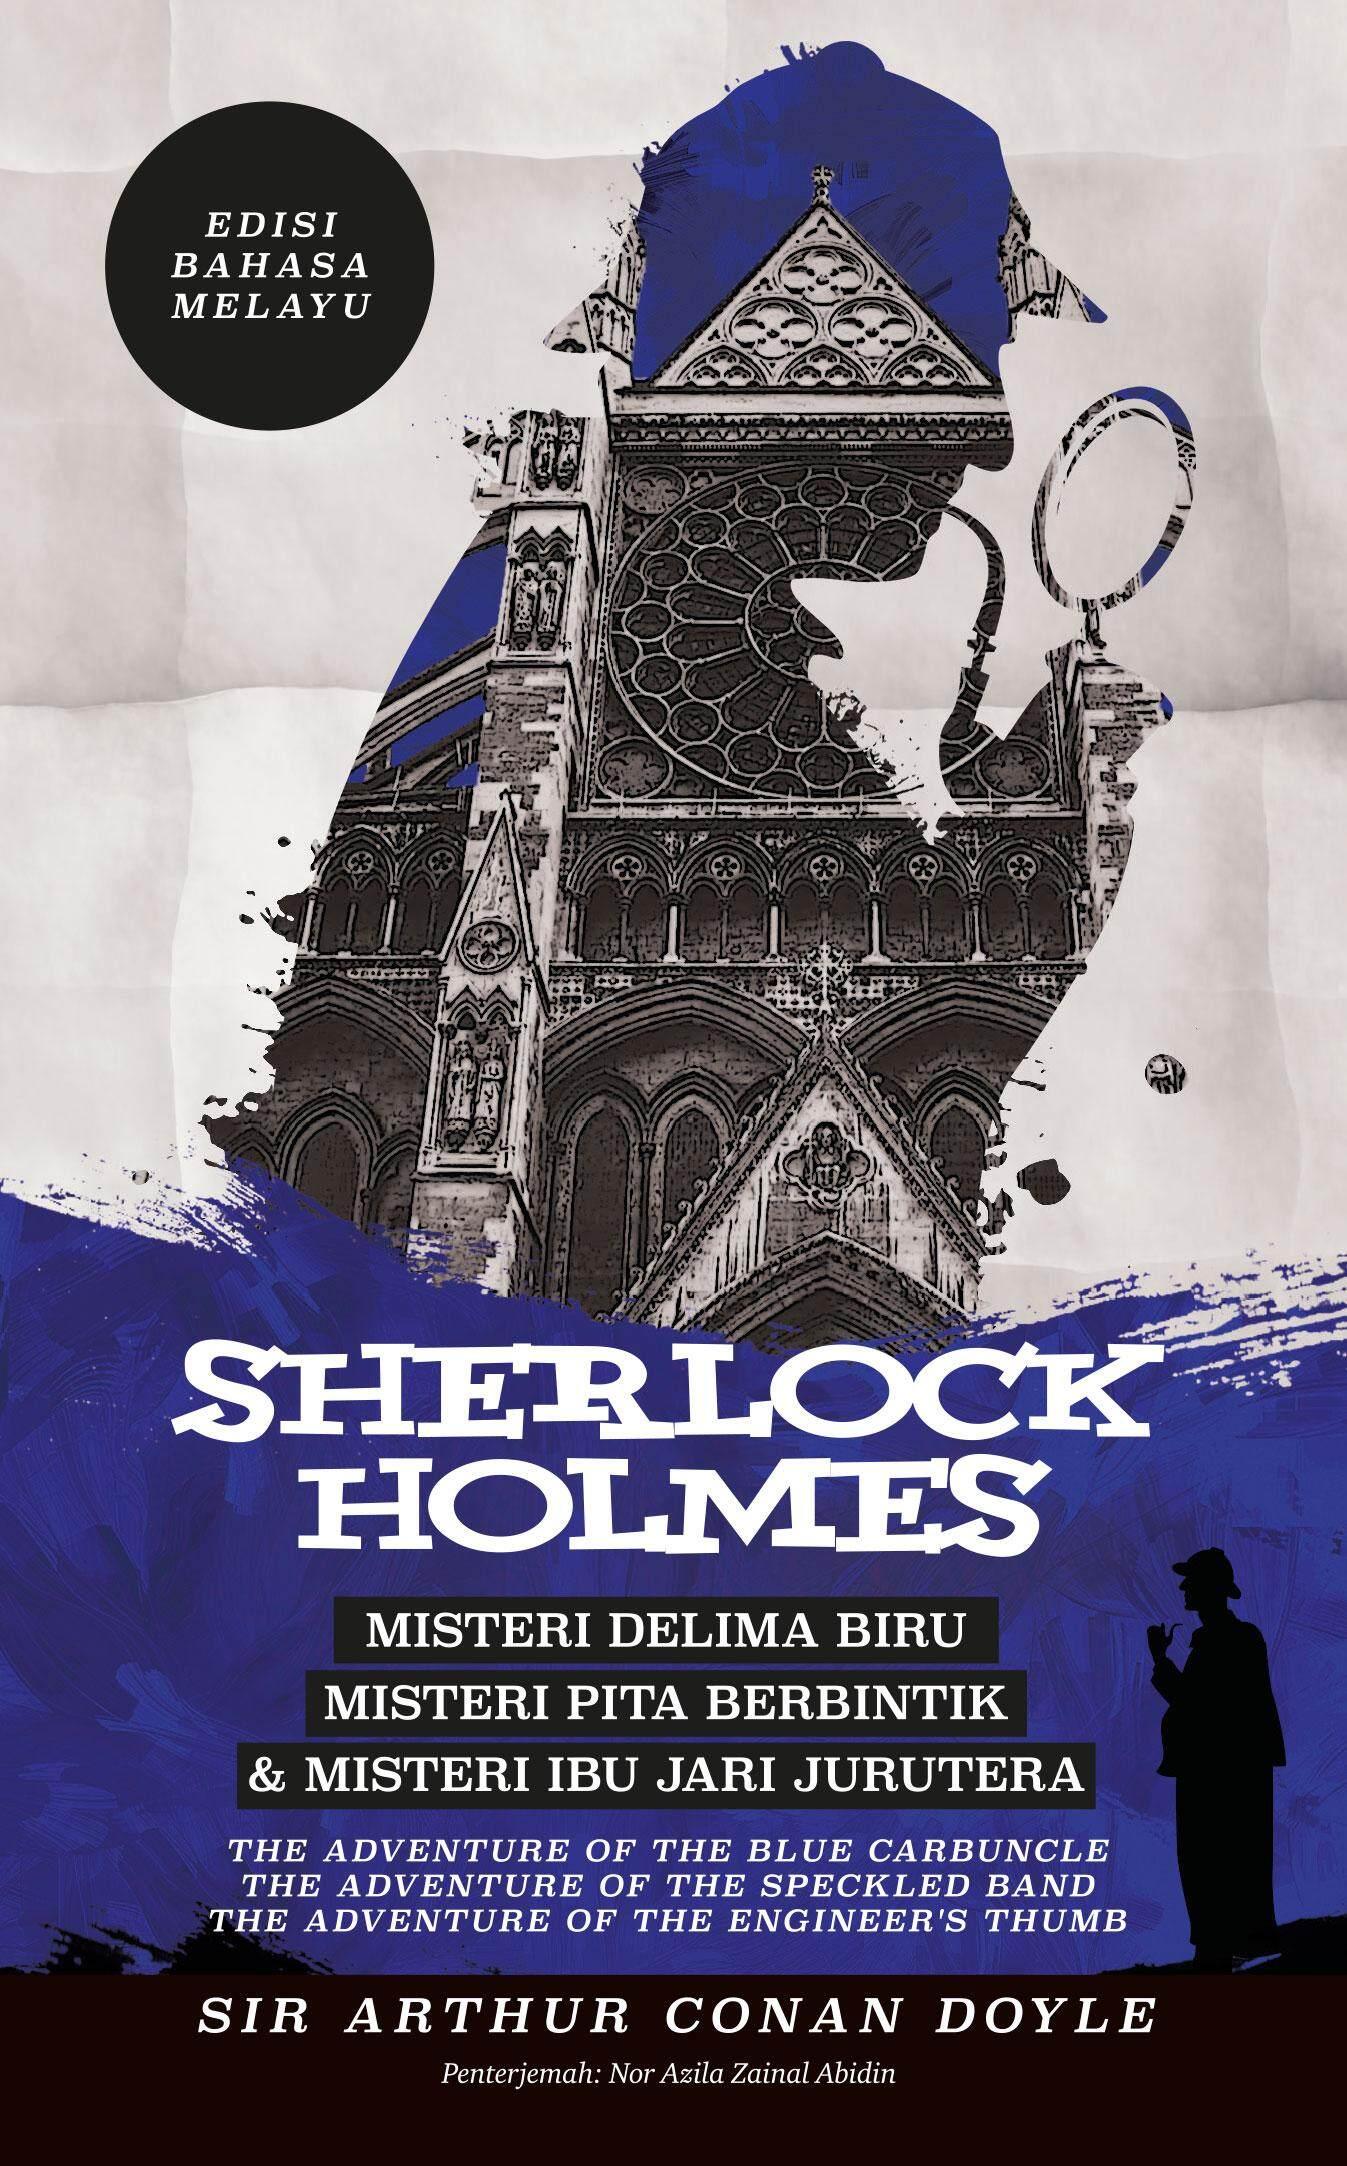 Sherlock Holmes: Misteri Delima Biru, Misteri Pita Berbintik & Misteri Ibu Jari Jurutera (l168) By Bookcafe.